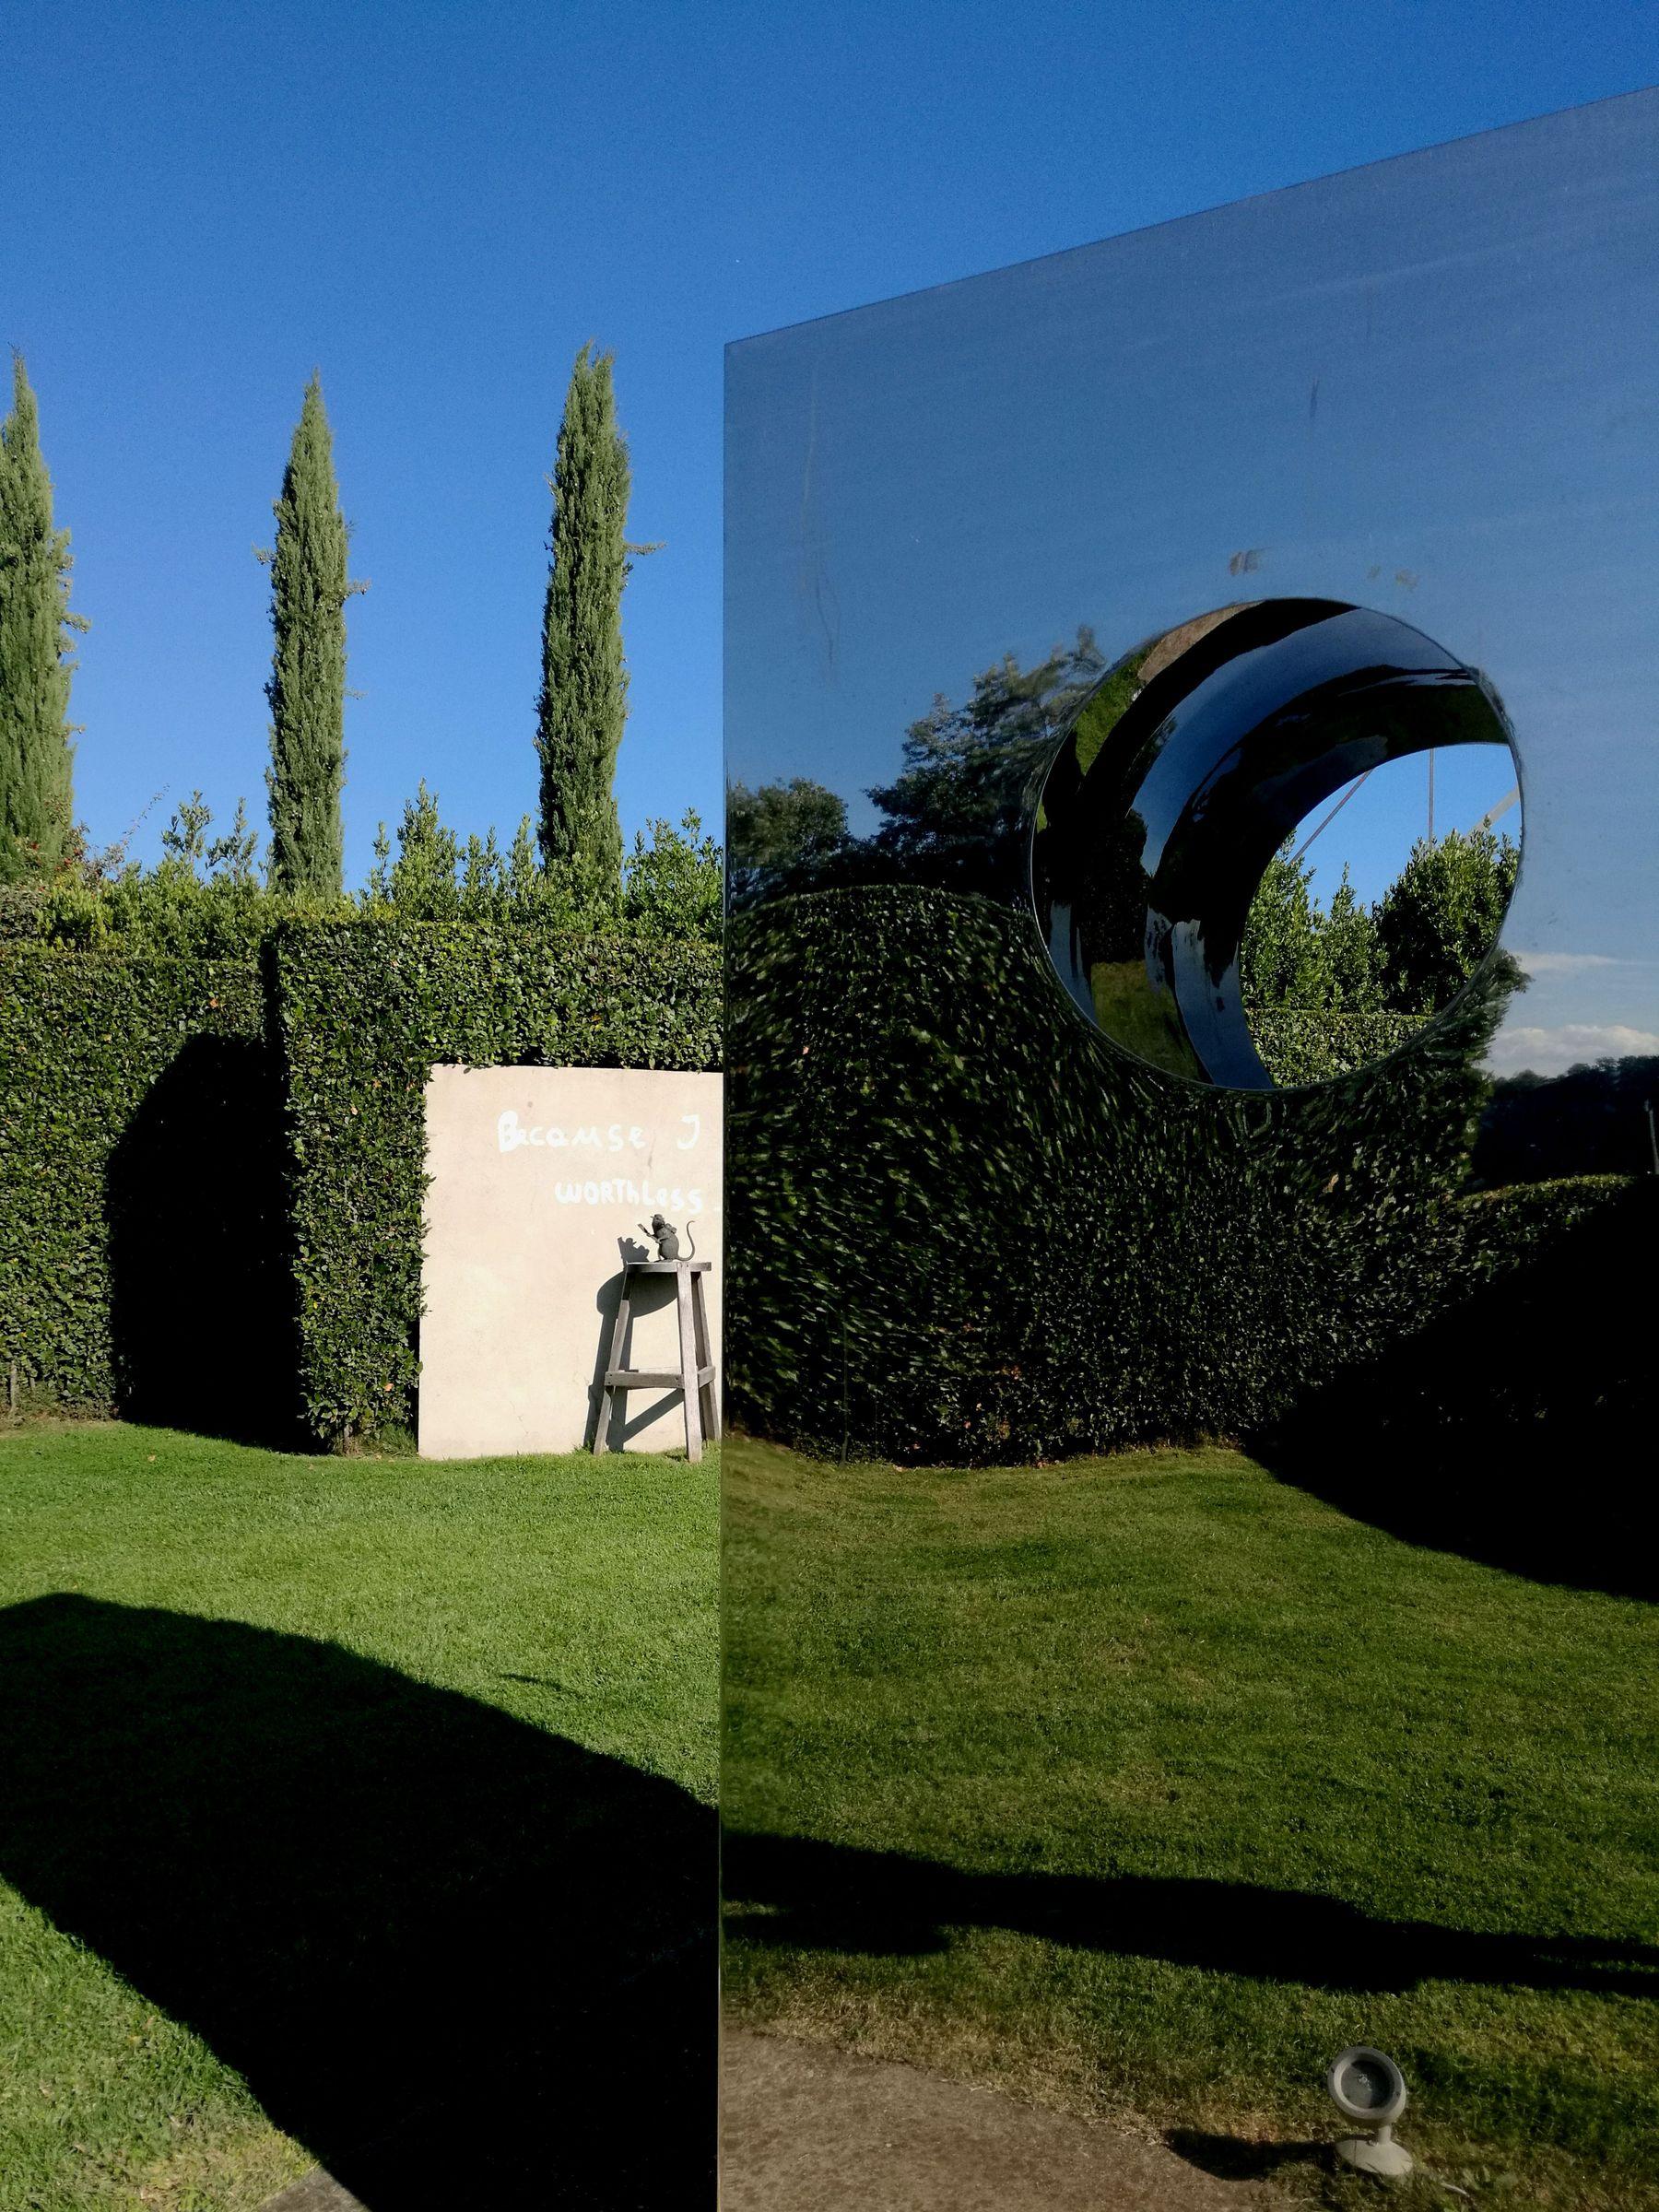 Villa Tirrena Blossom zine viaggio Promo Tuscia (4)